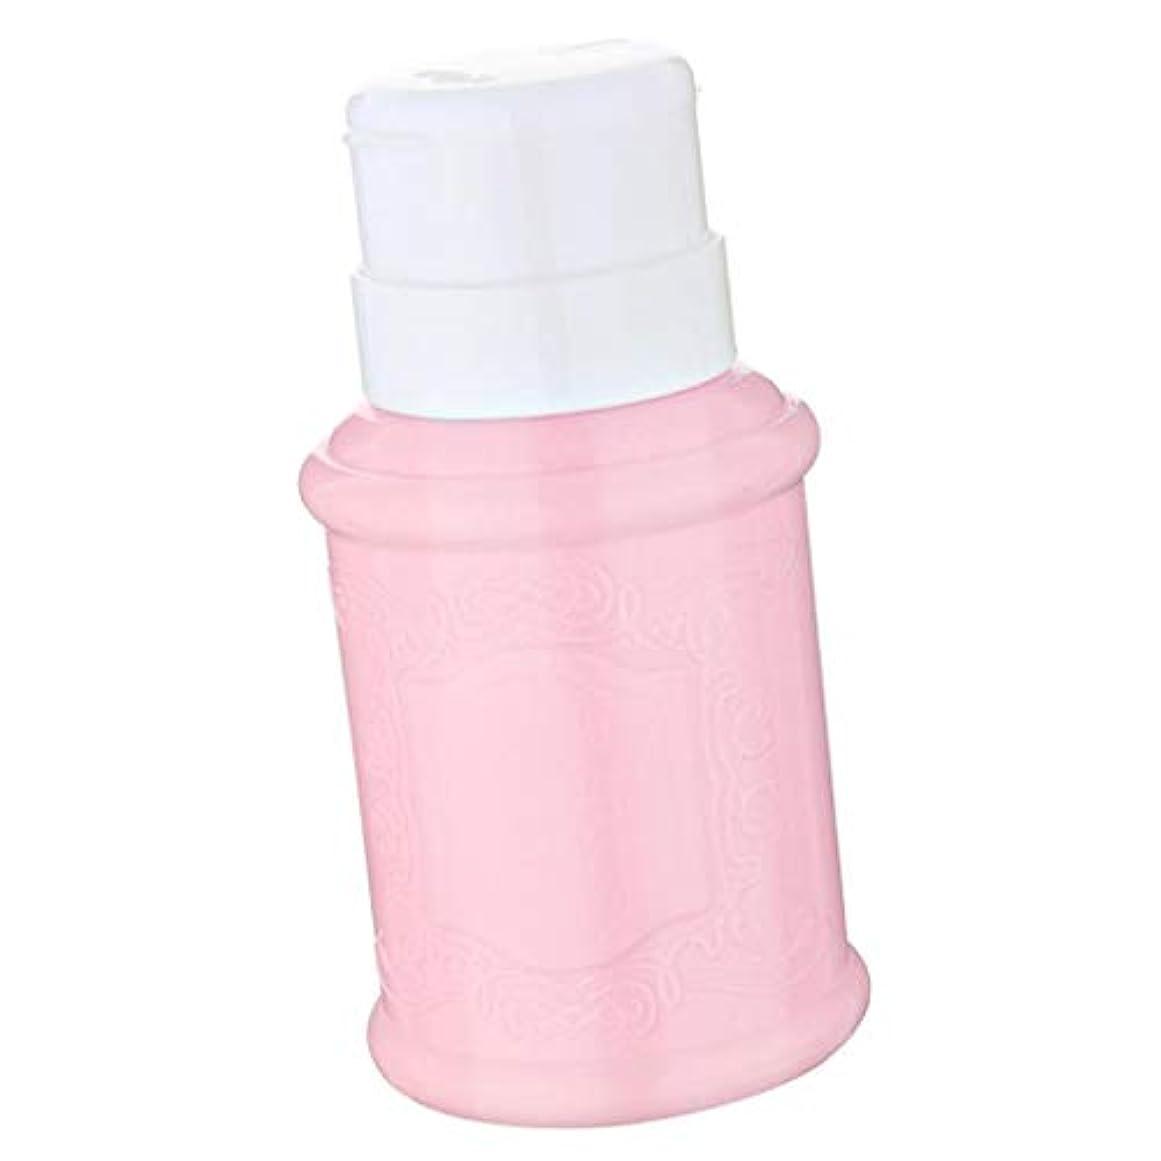 すり悪性端Perfeclan 空ポンプボトル クリアポンプ ネイルクリーナーボトル ポンプディスペンサー ジェルクリーナー 全3色 - ピンク